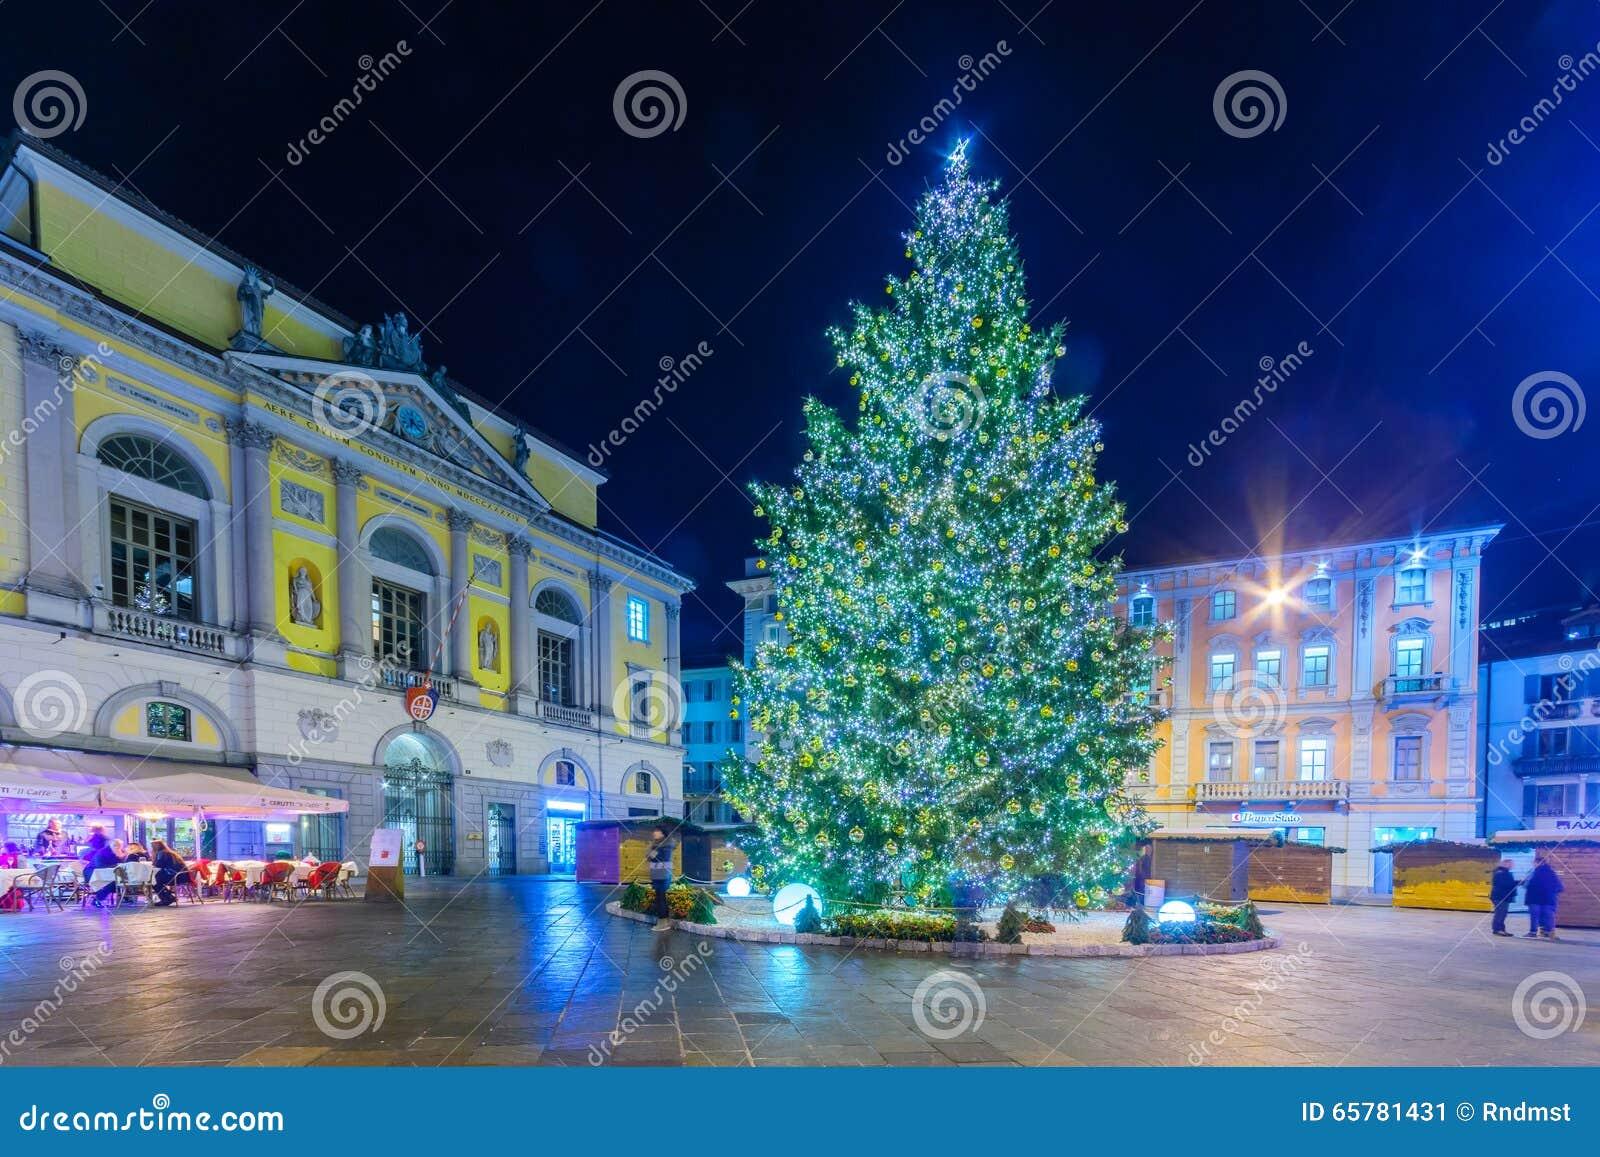 Decorazioni Natalizie Lugano.Natale A Lugano Fotografia Editoriale Immagine Di Cityscape 65781431